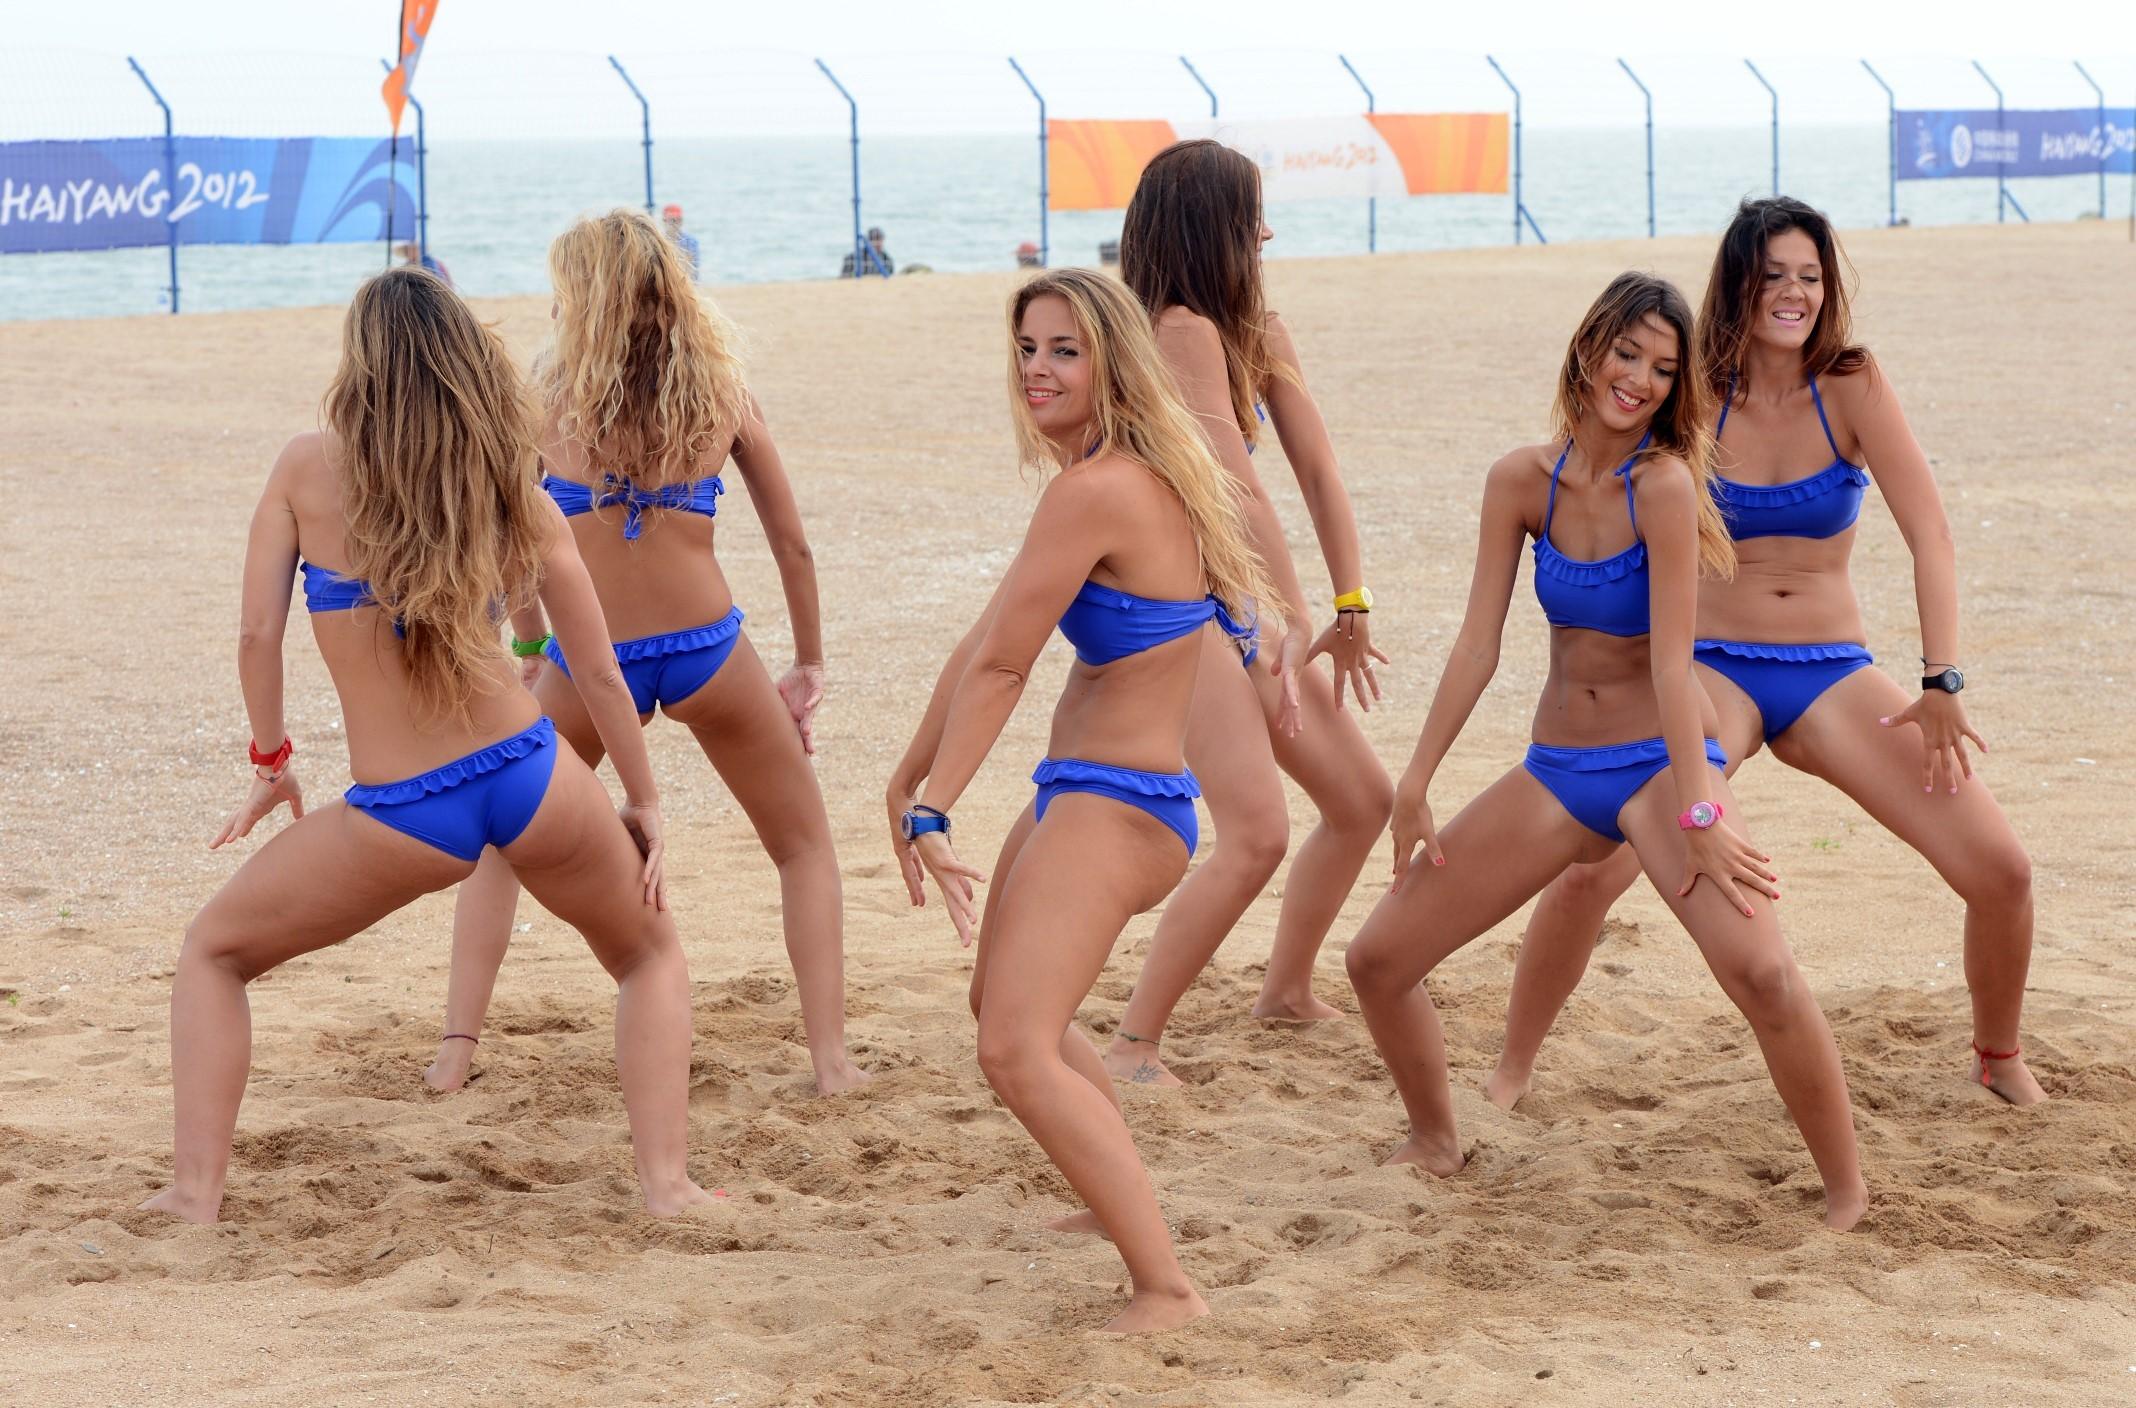 dancing-teens-bikini